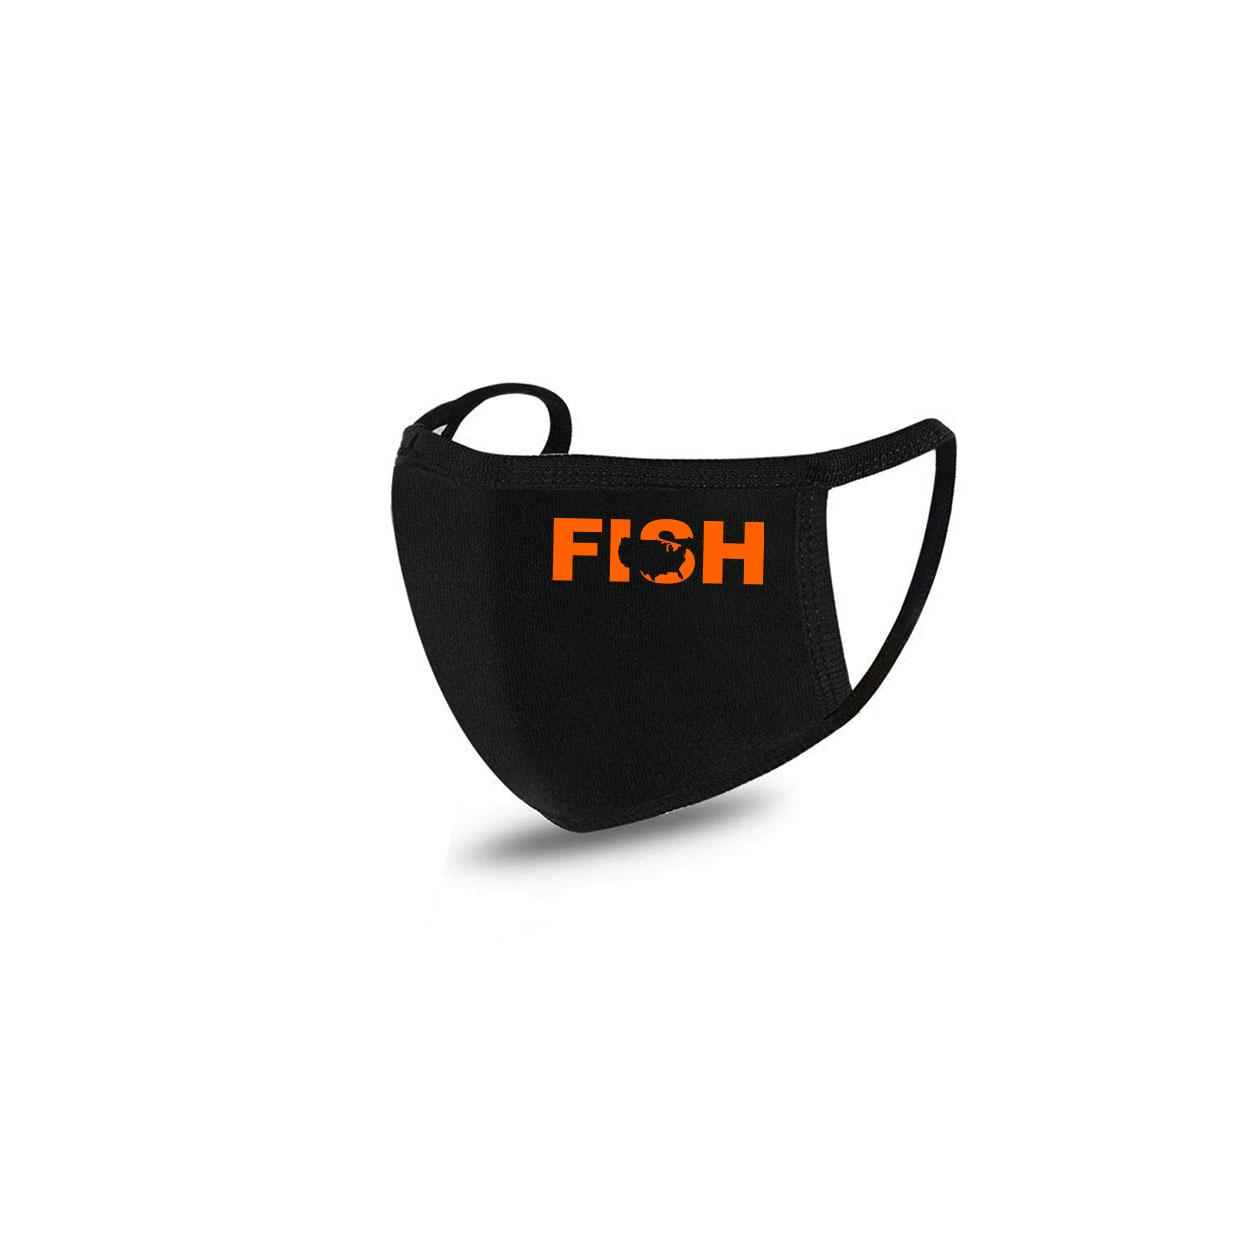 Fish United States Standard Washable Face Mask Black (Orange Logo)